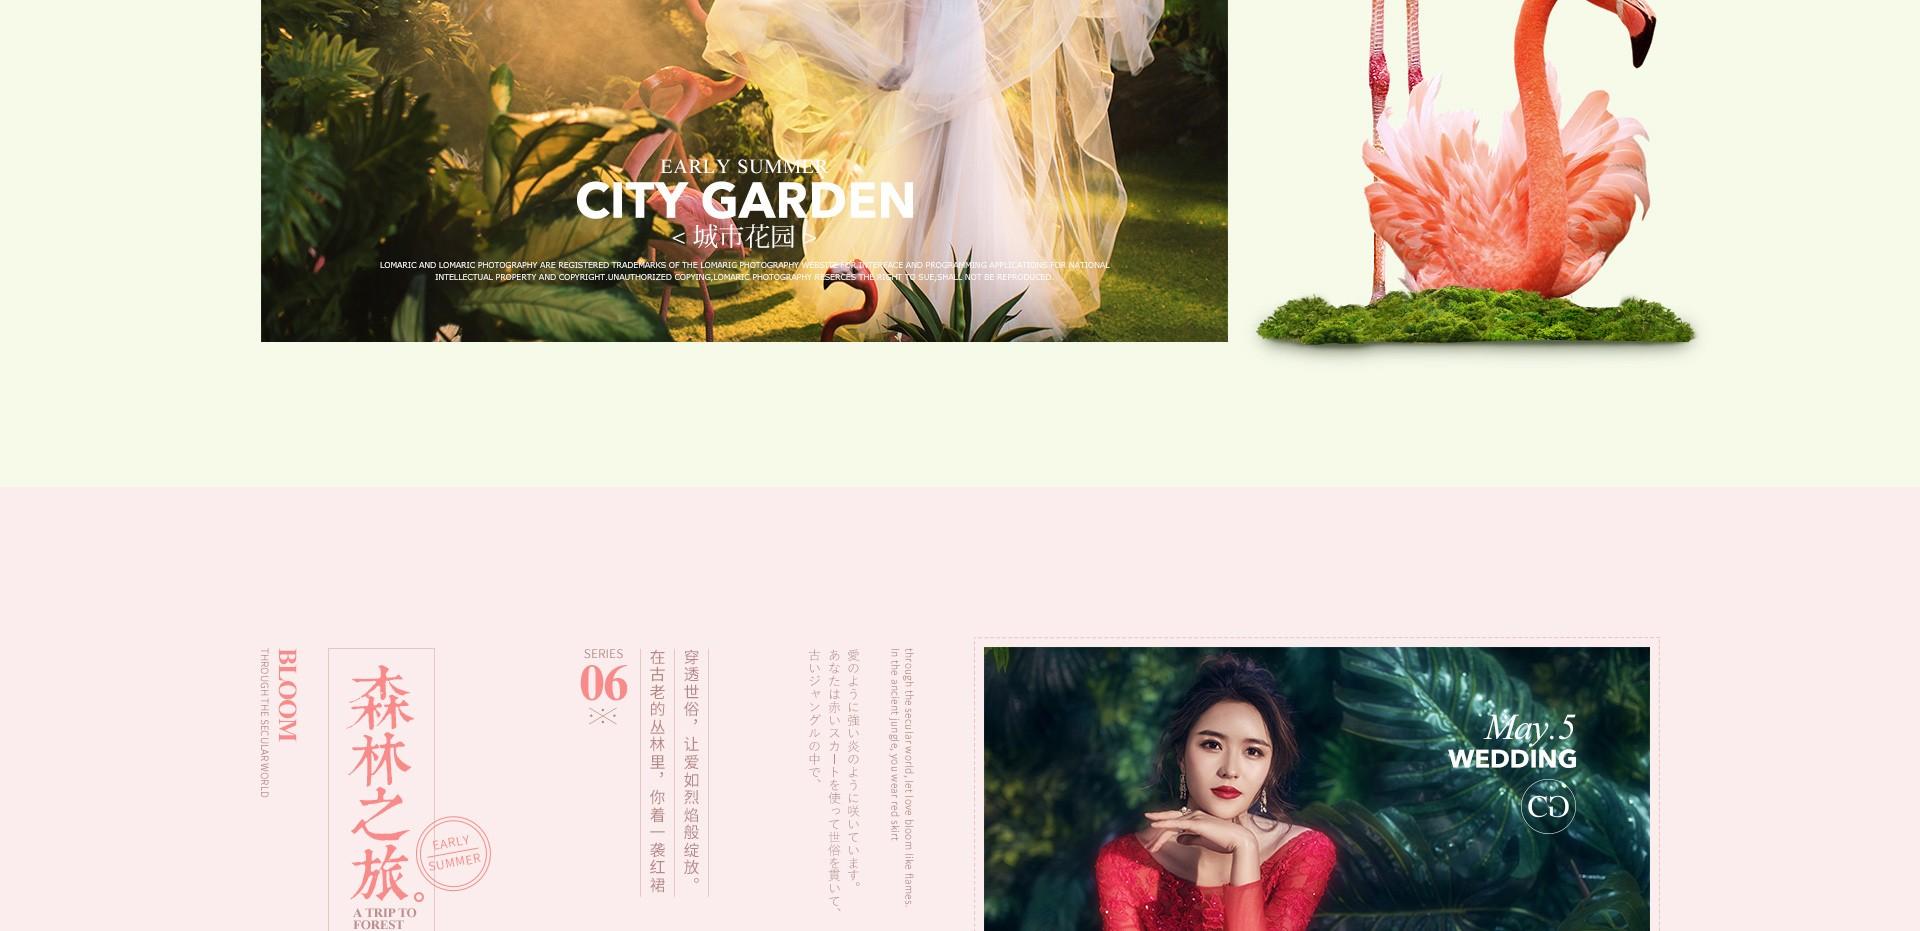 城市花园专题页设计5_14.jpg